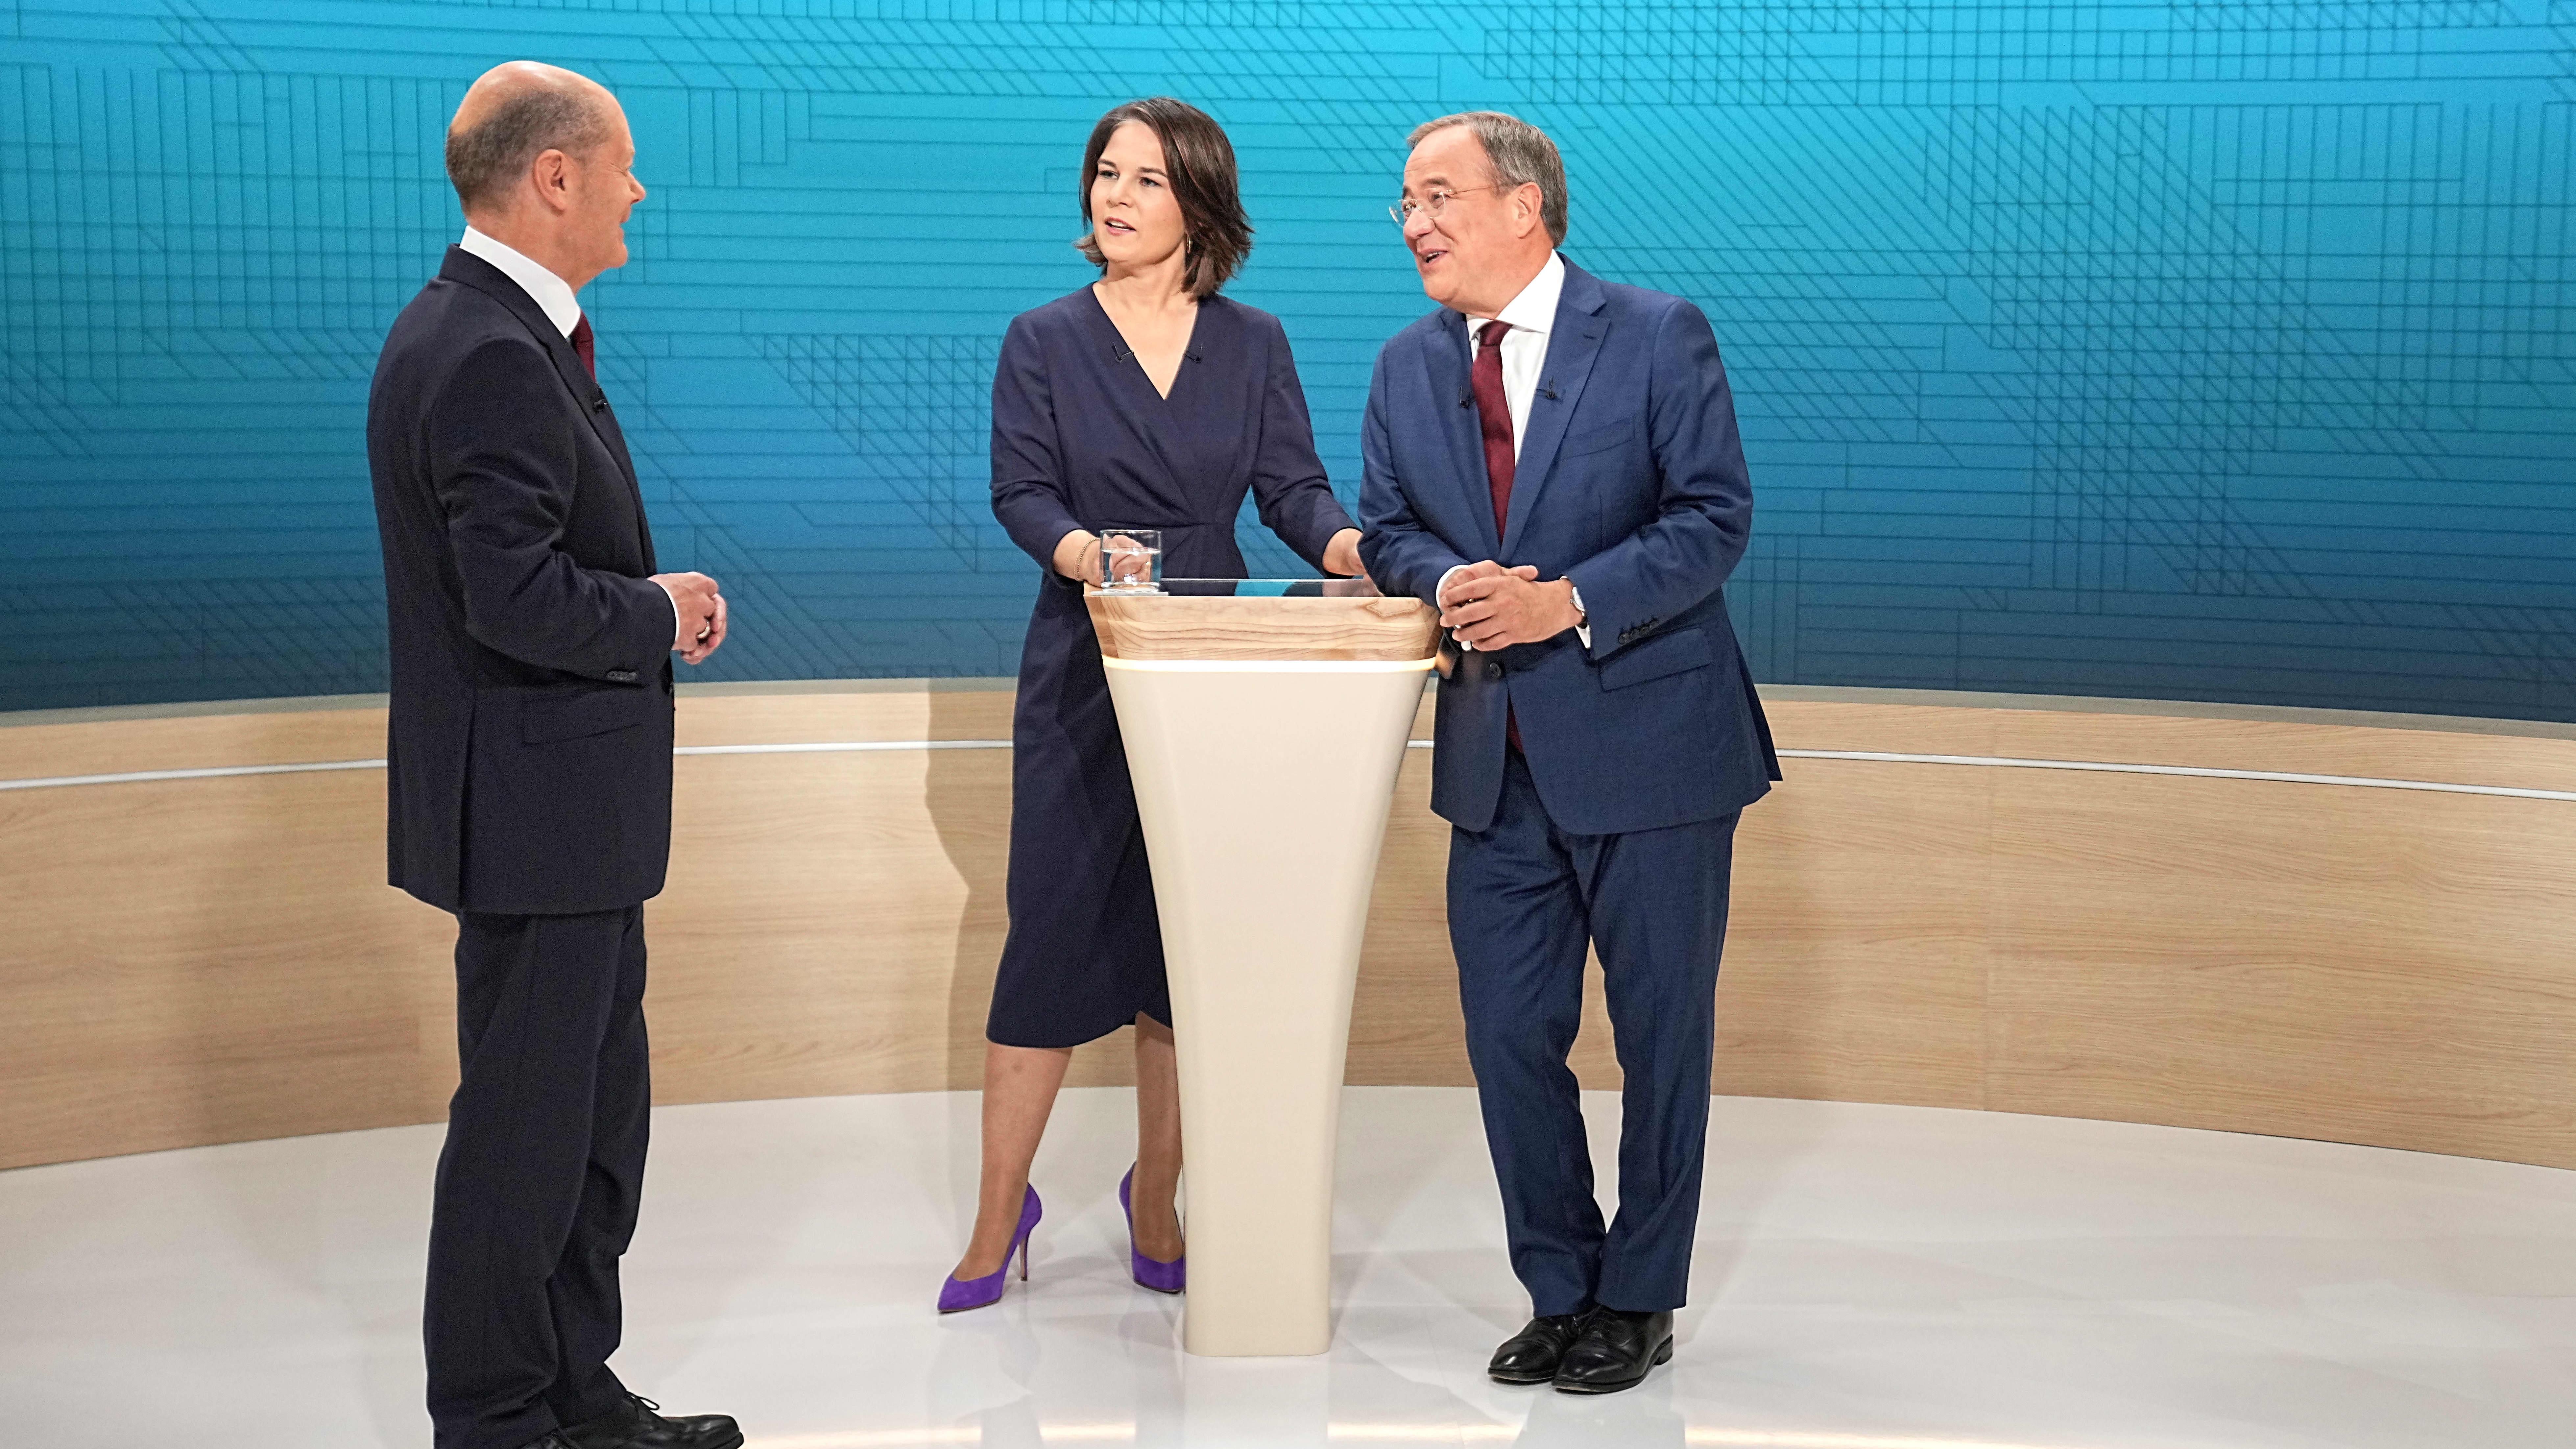 12. syyskuuta 2021 järjestetyssä tv-tentissä yhteen ottivat Olaf Scholz (vas), Annalena Baerbock sekä Armin Laschet.